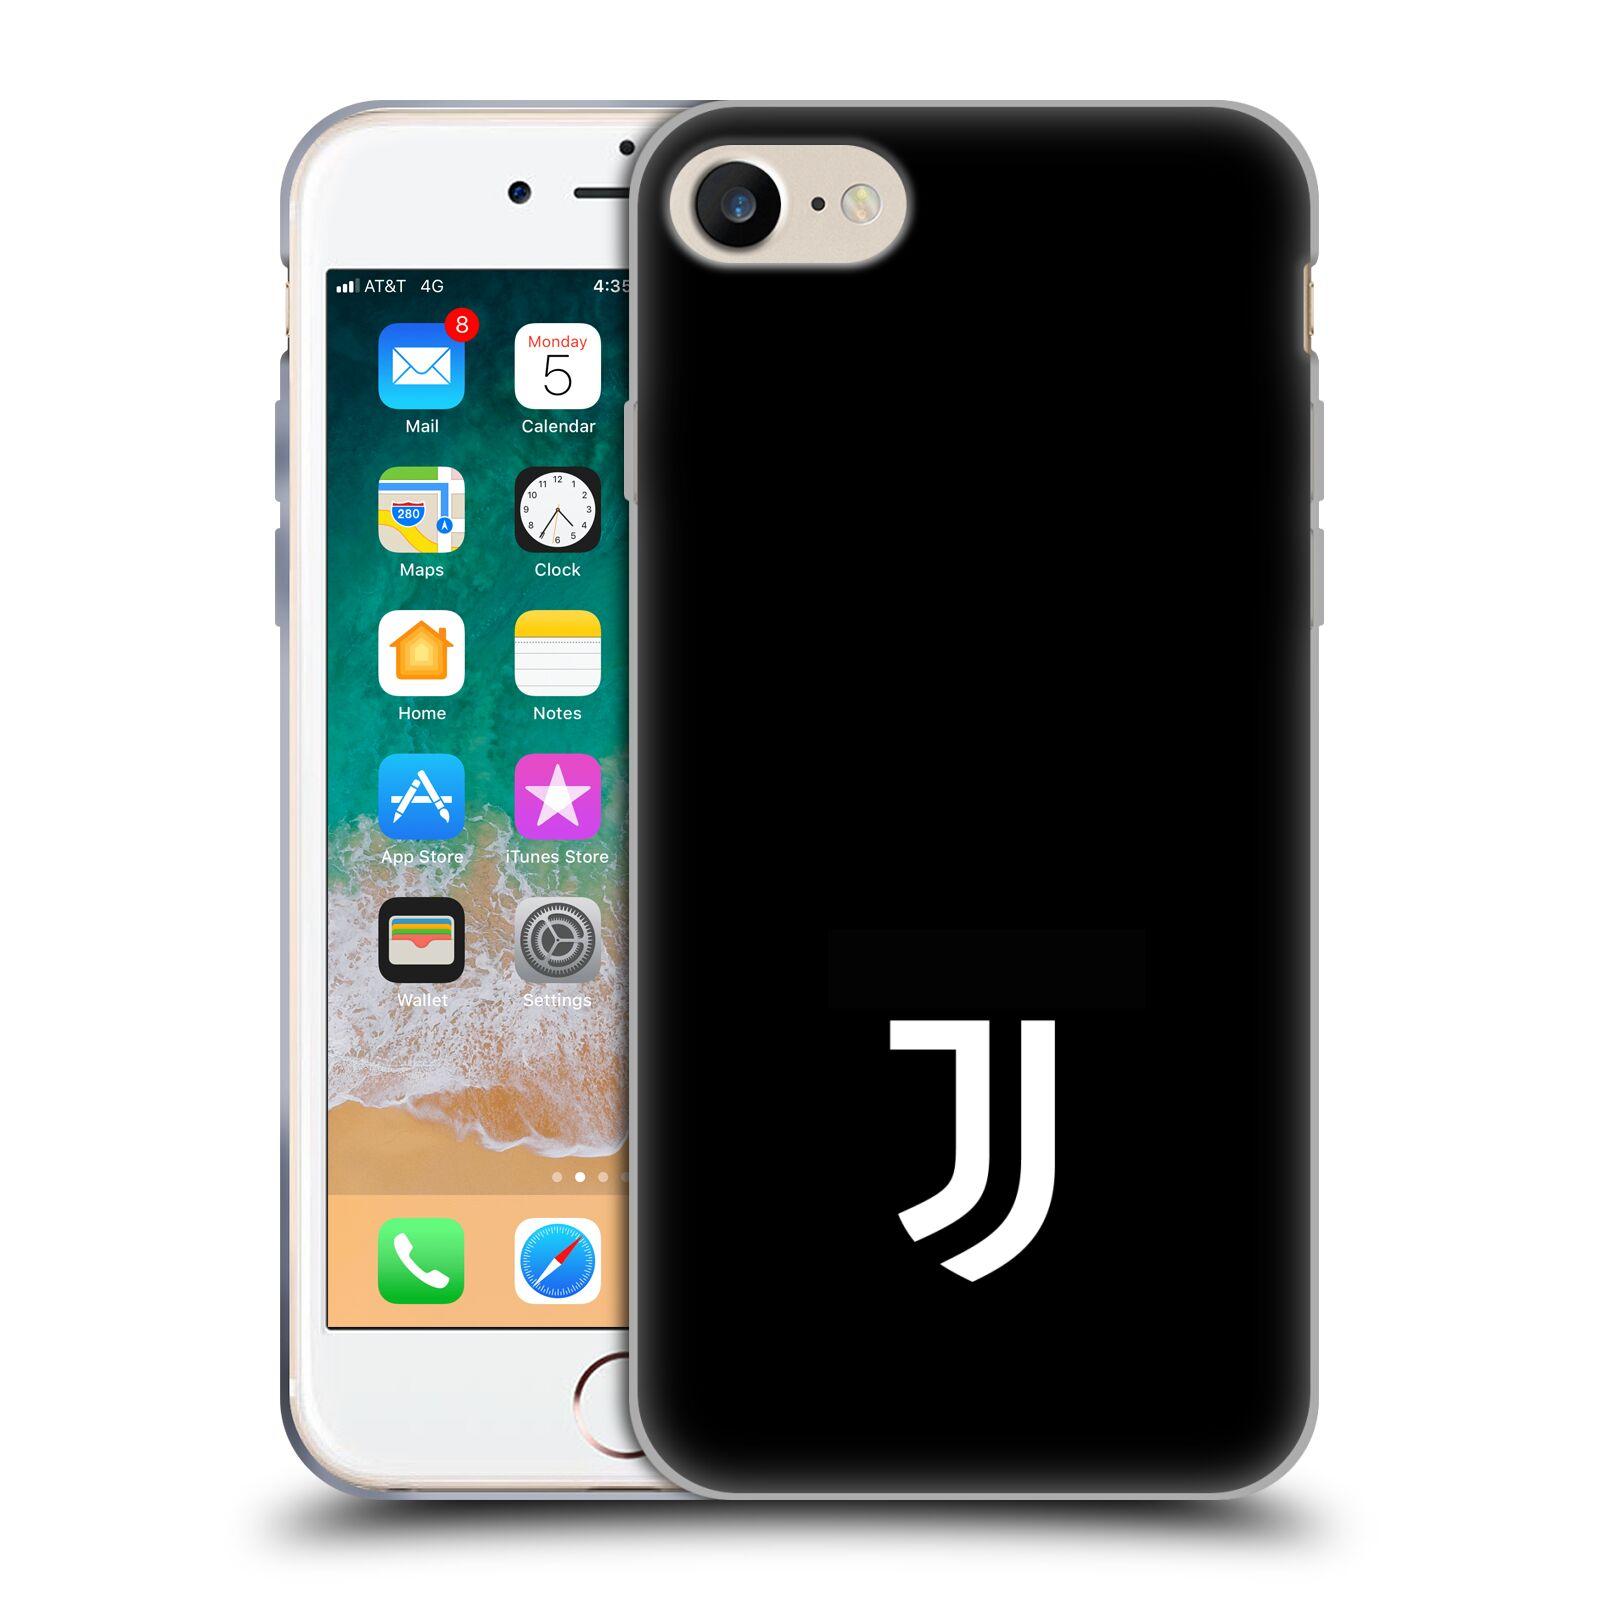 HEAD CASE silikonový obal na mobil Apple Iphone 7 Fotbalový klub Juventus  FC černé pozadí bílý znak malý a9145def57a